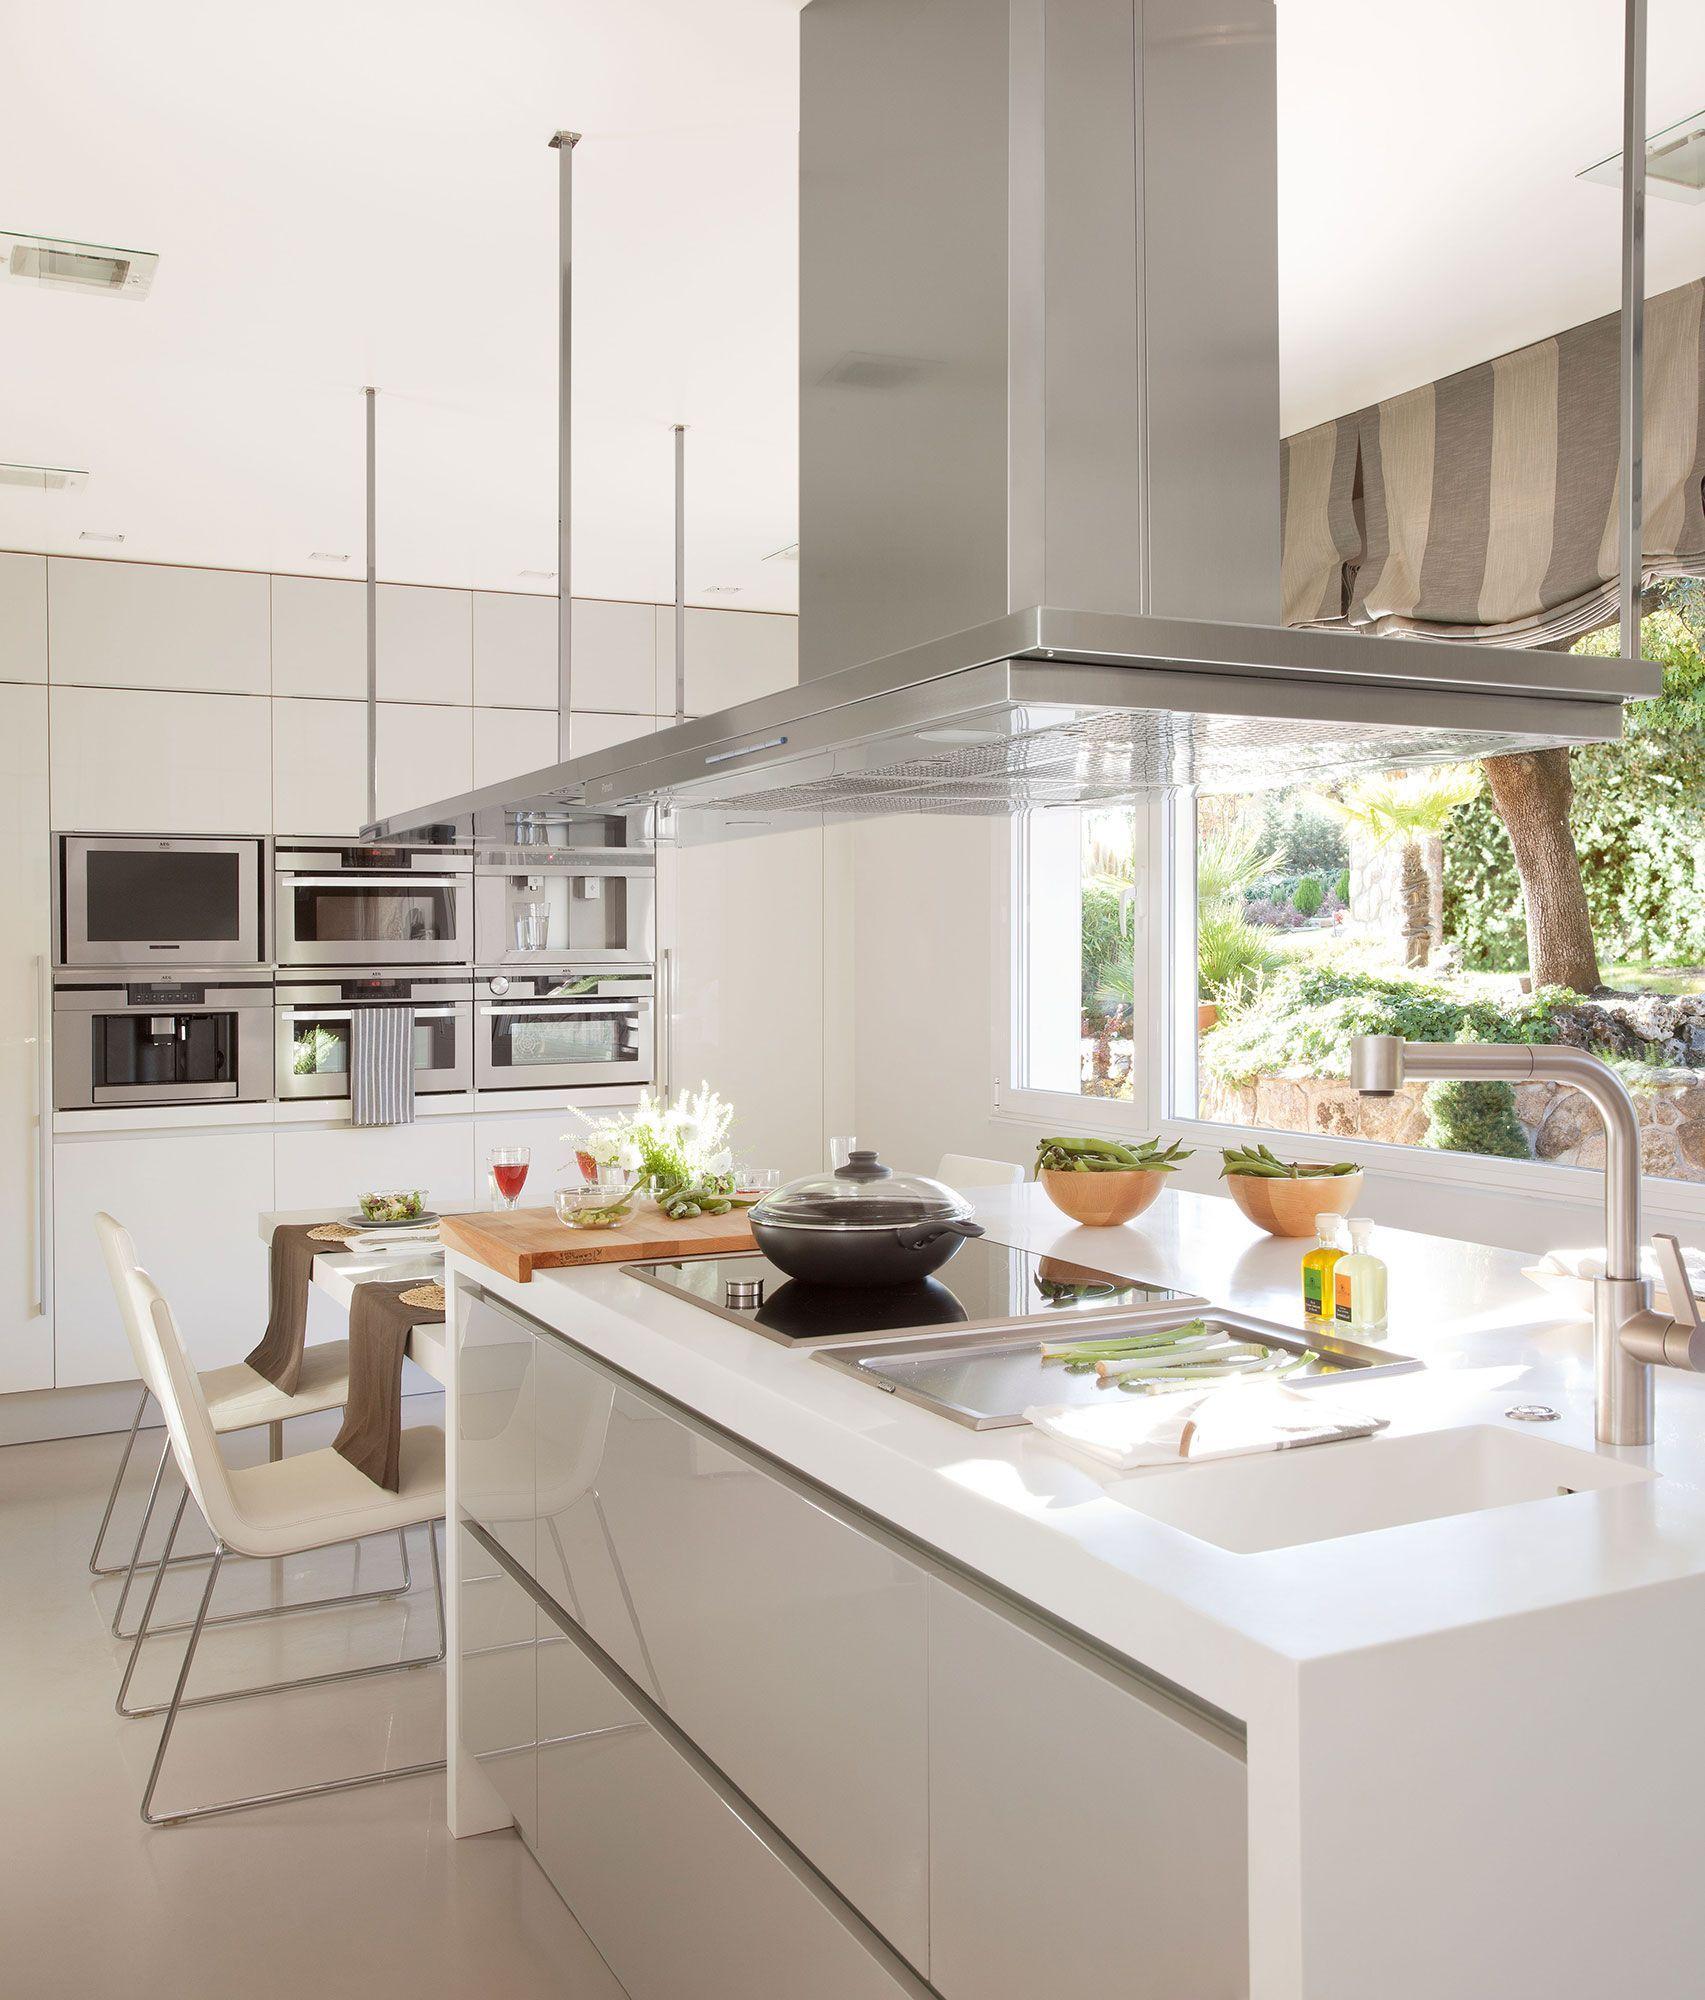 Cocina De Diseno Moderno Con Isla En Blanco Y Gris